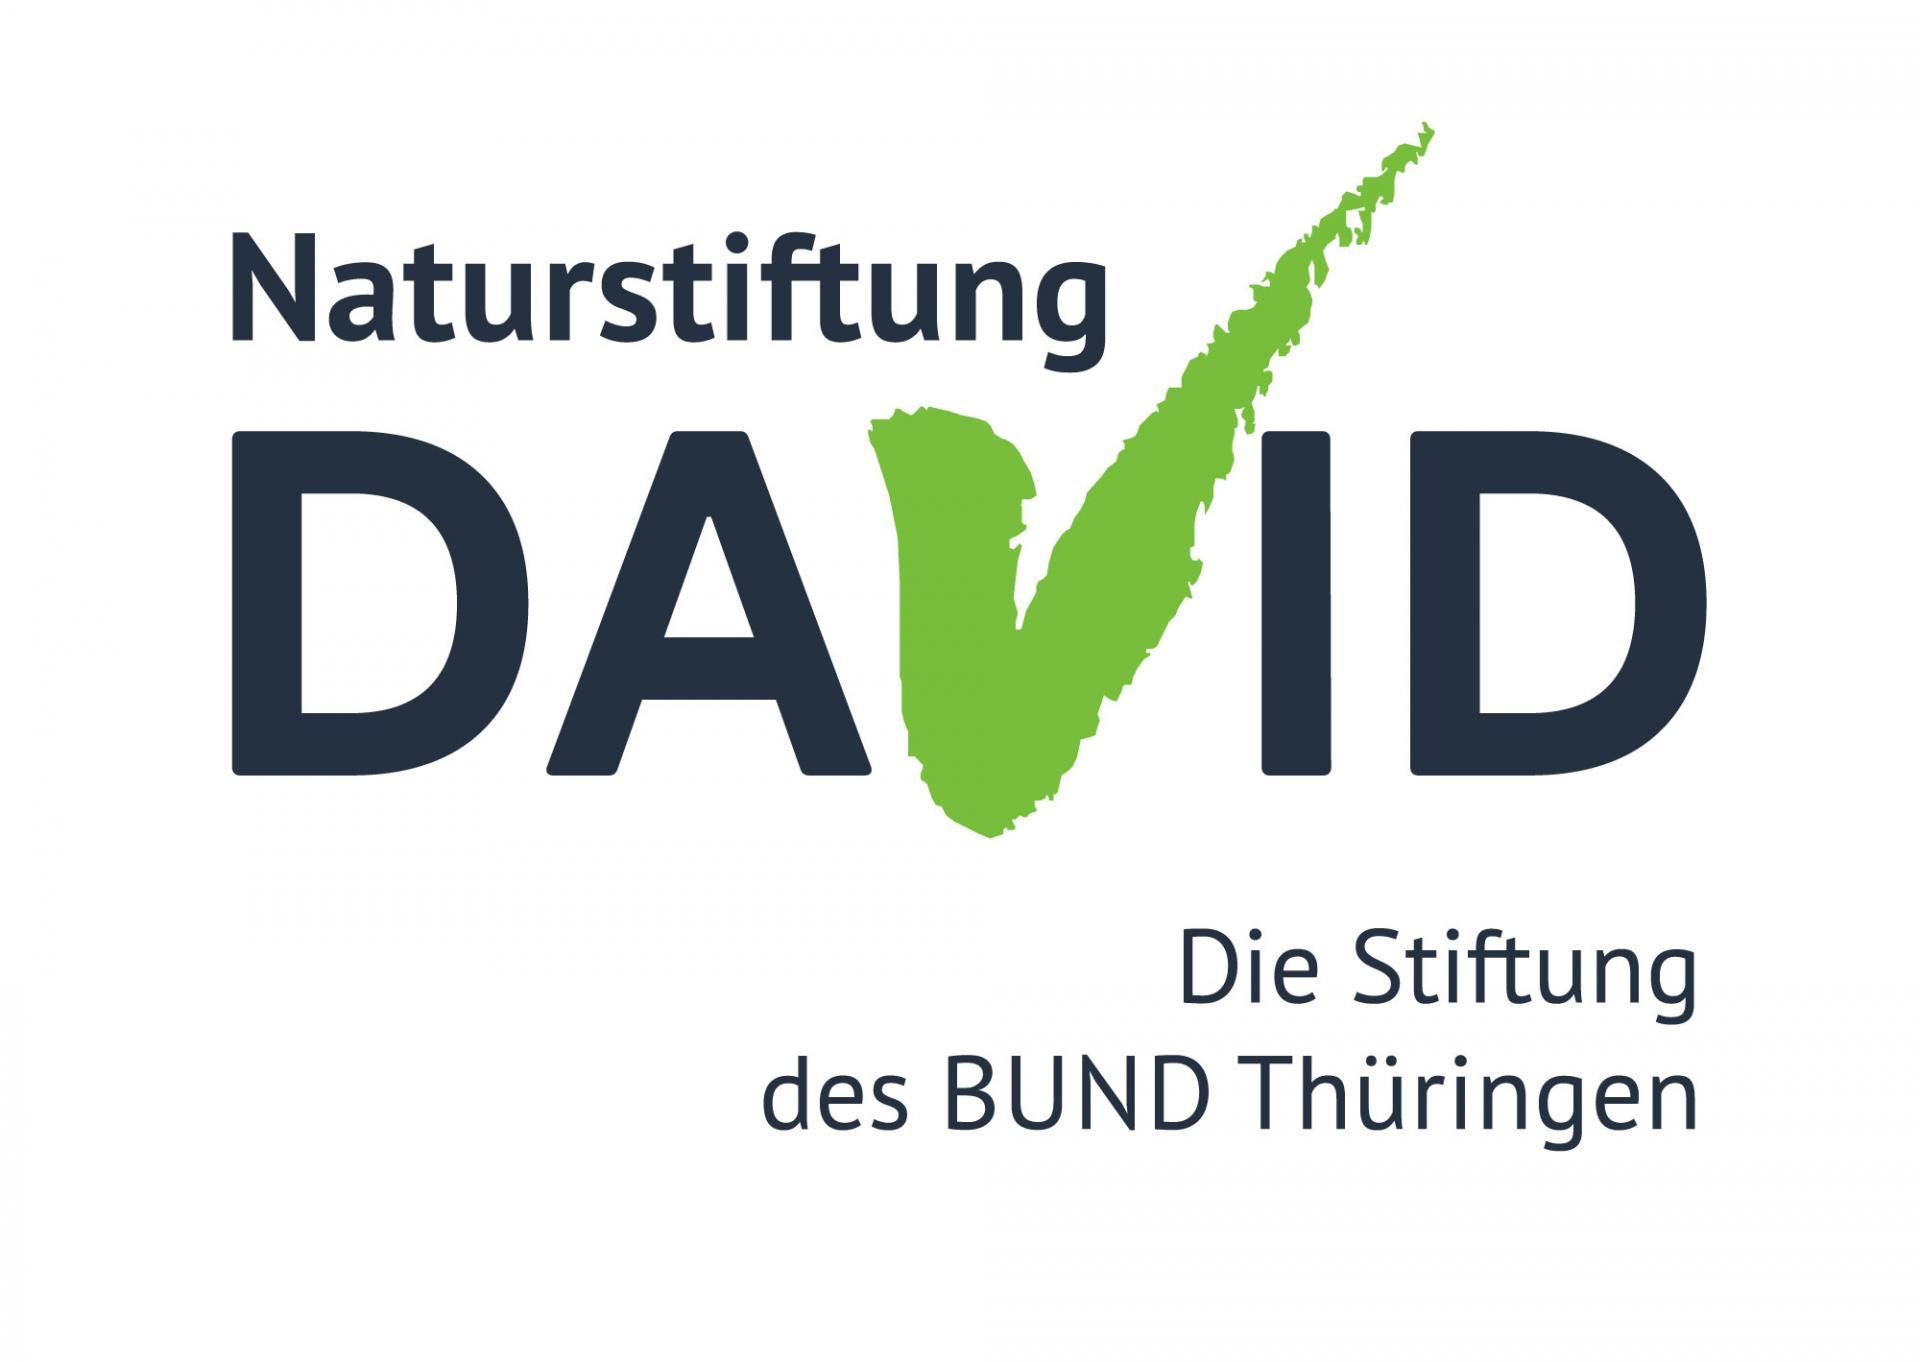 David Stiftung